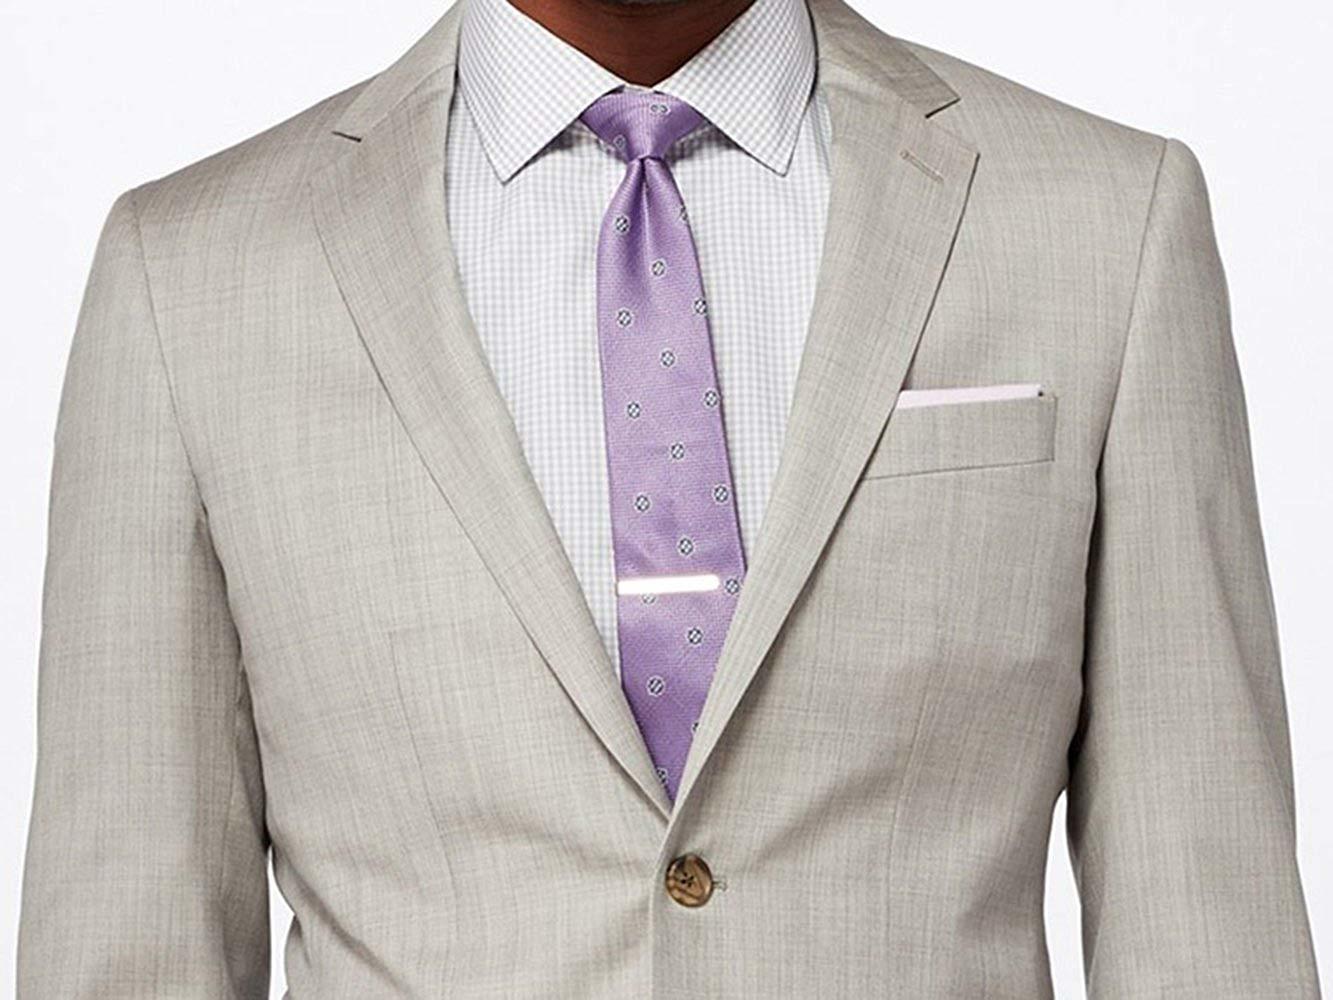 2 piece light gray slimfit suit